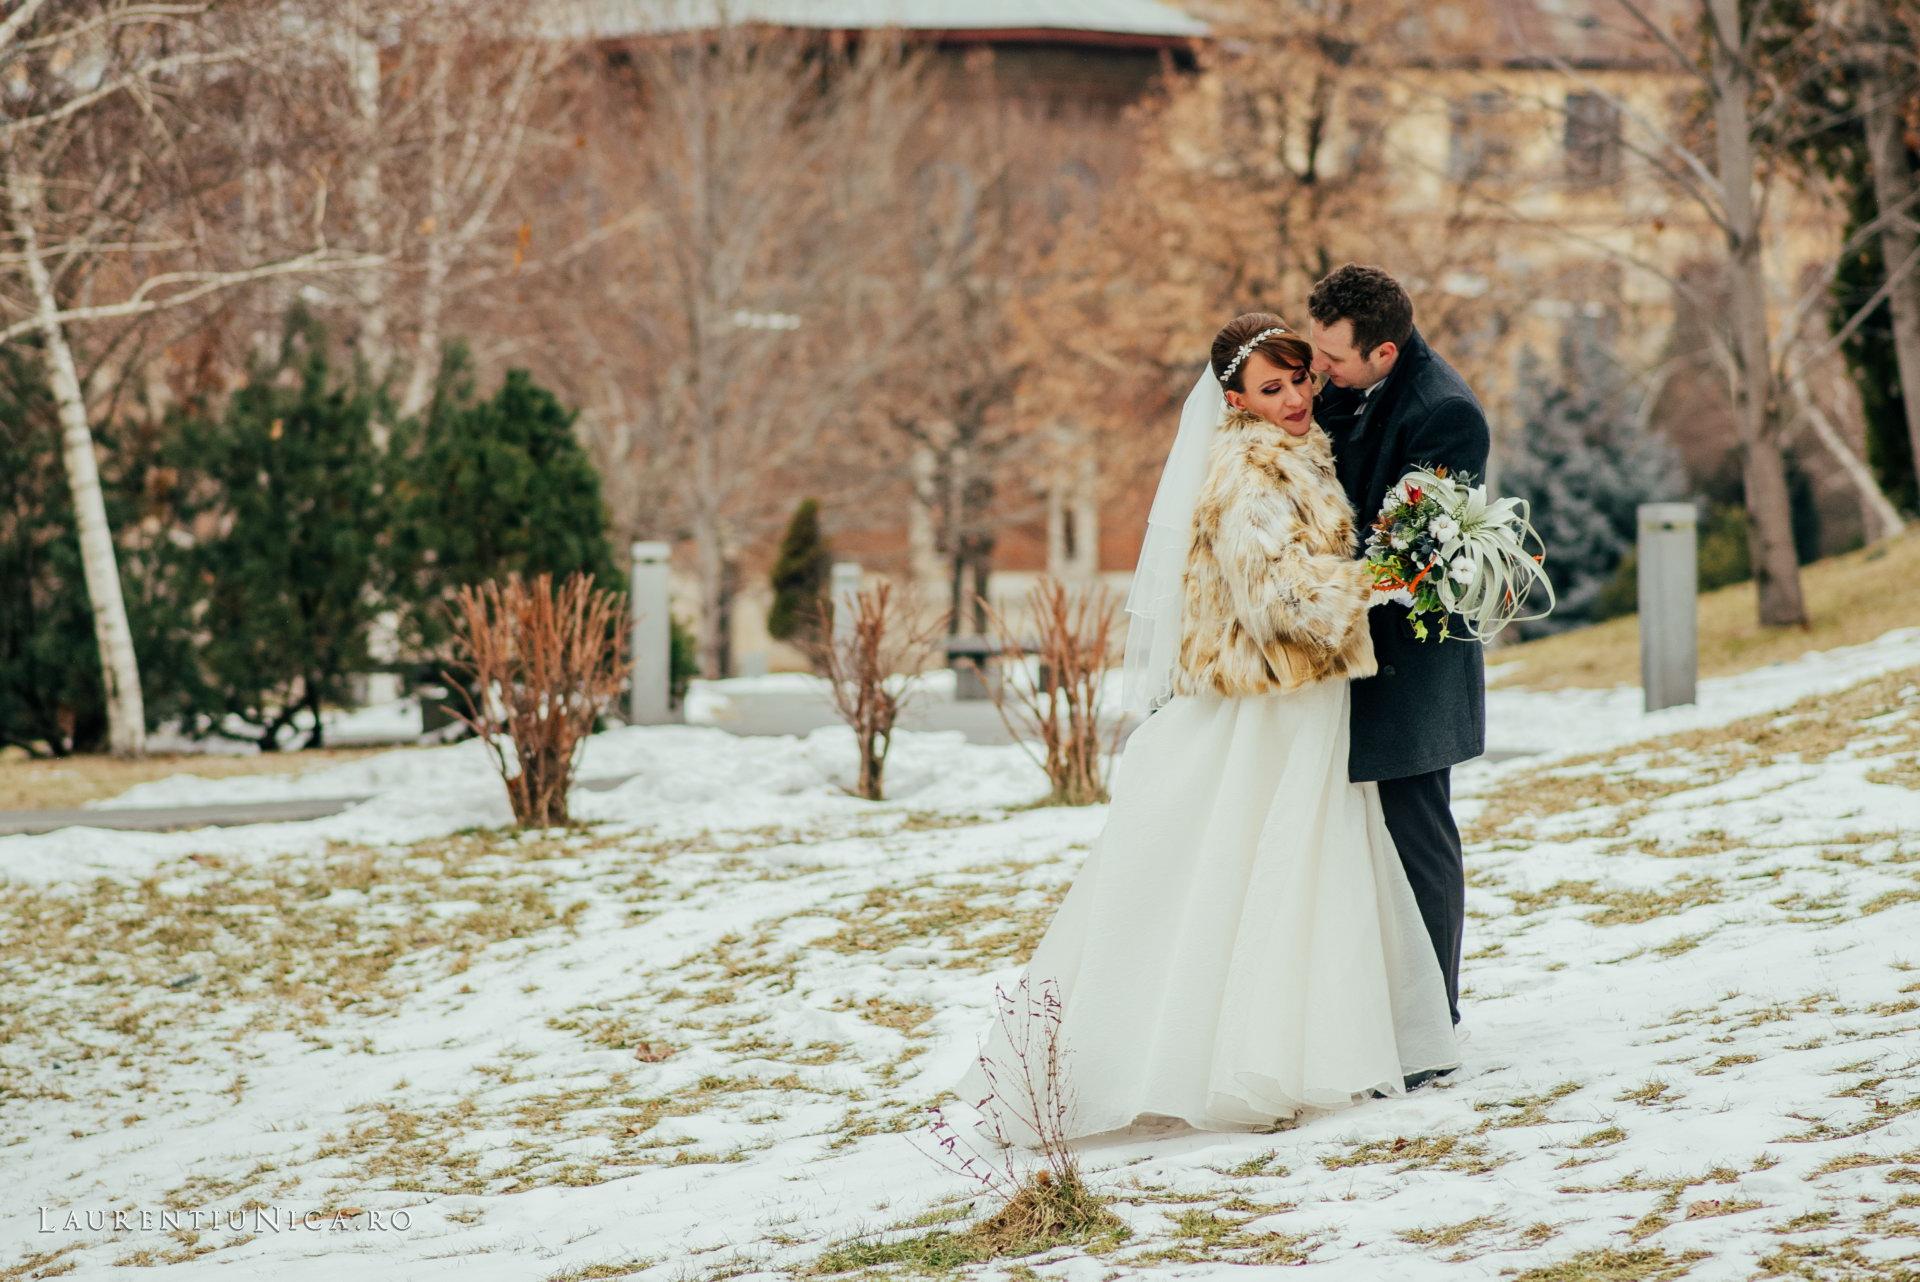 daniela si marius fotografii nunta craiova laurentiu nica42 - Daniela & Marius | Fotografii nunta